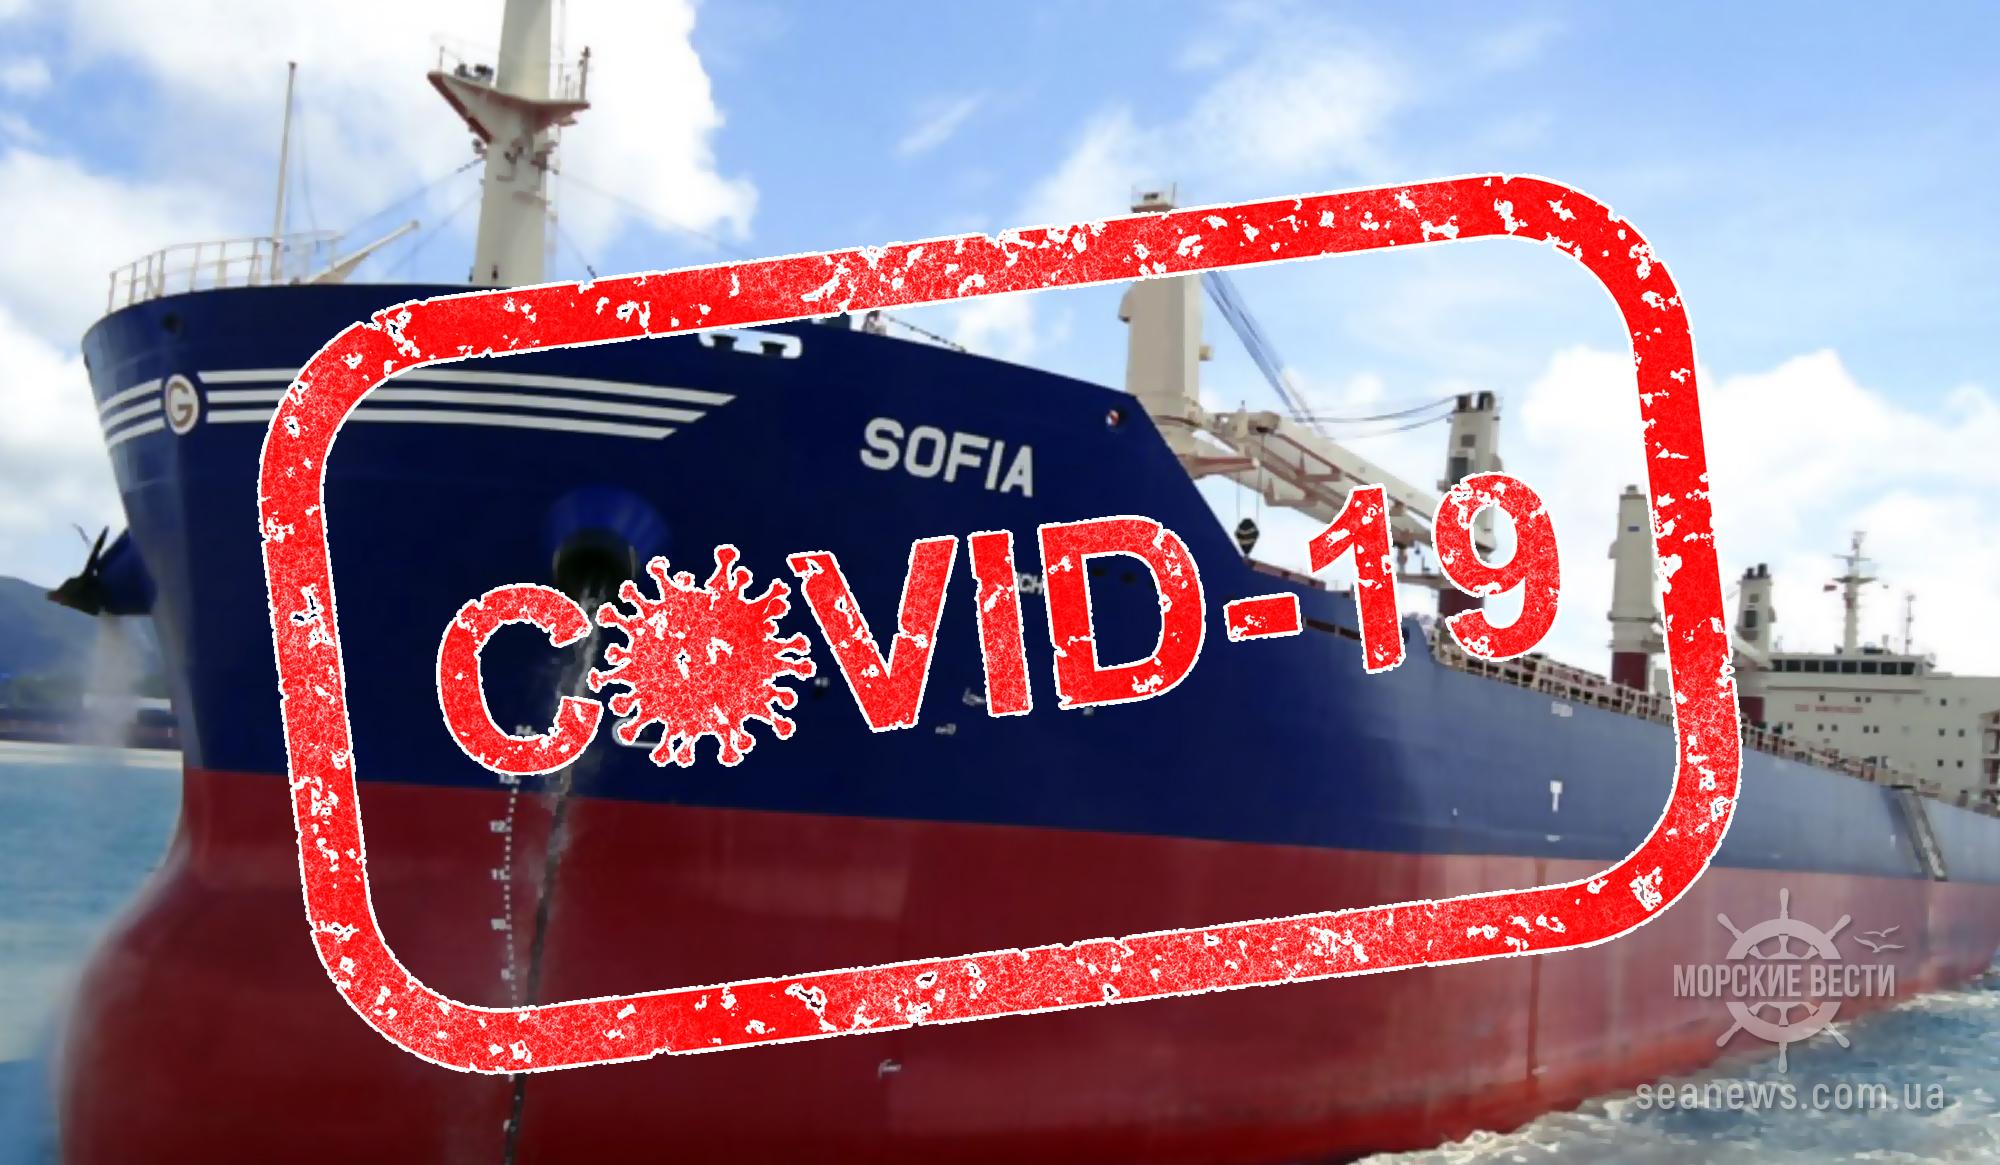 Большинство членов экипажа судна «София» заболели COVID-19